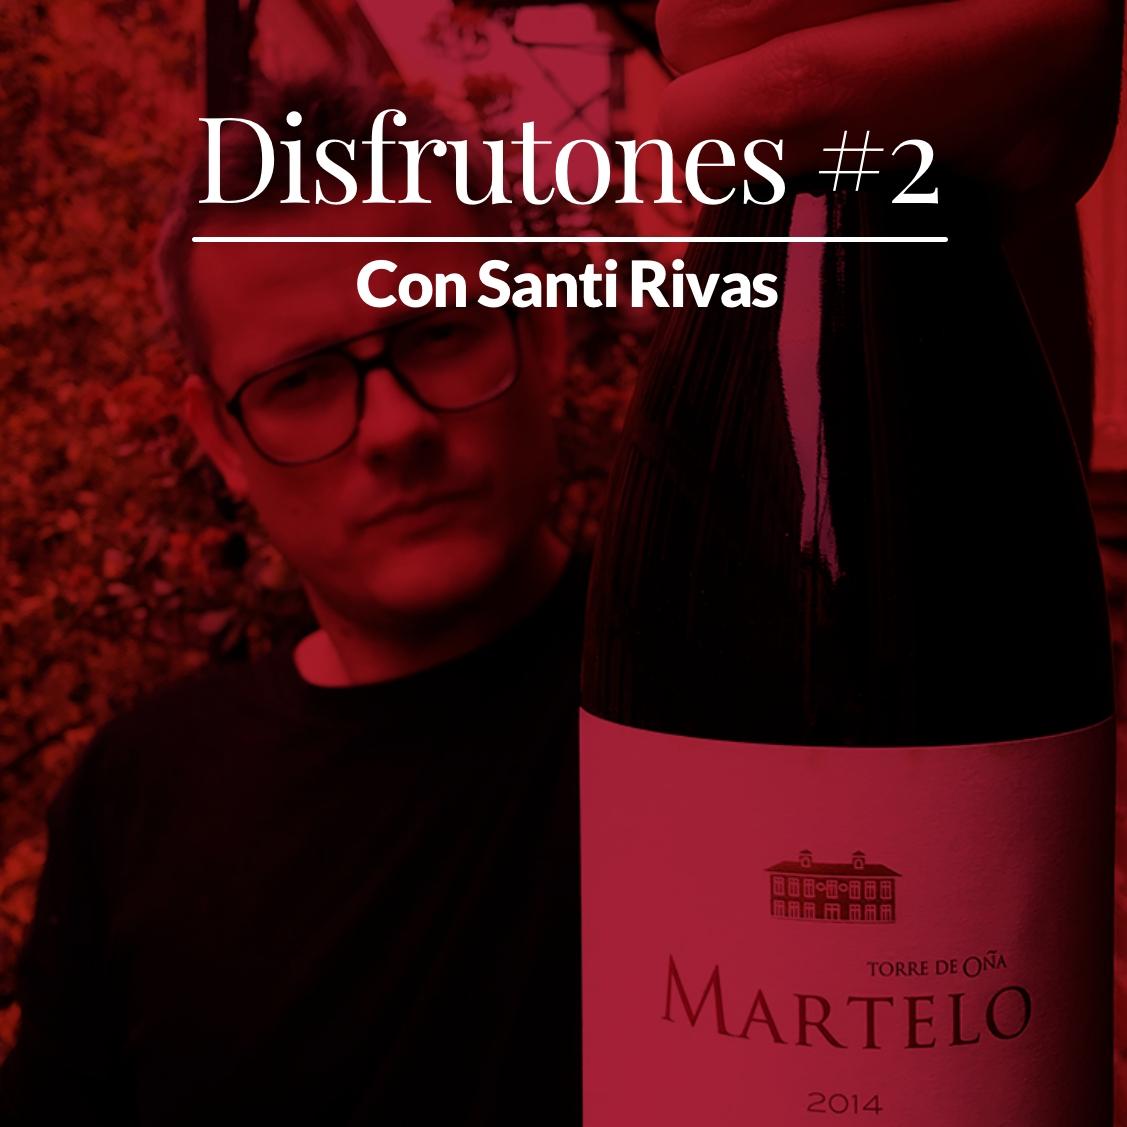 Una copa con Santi Rivas de Colectivo Decantado